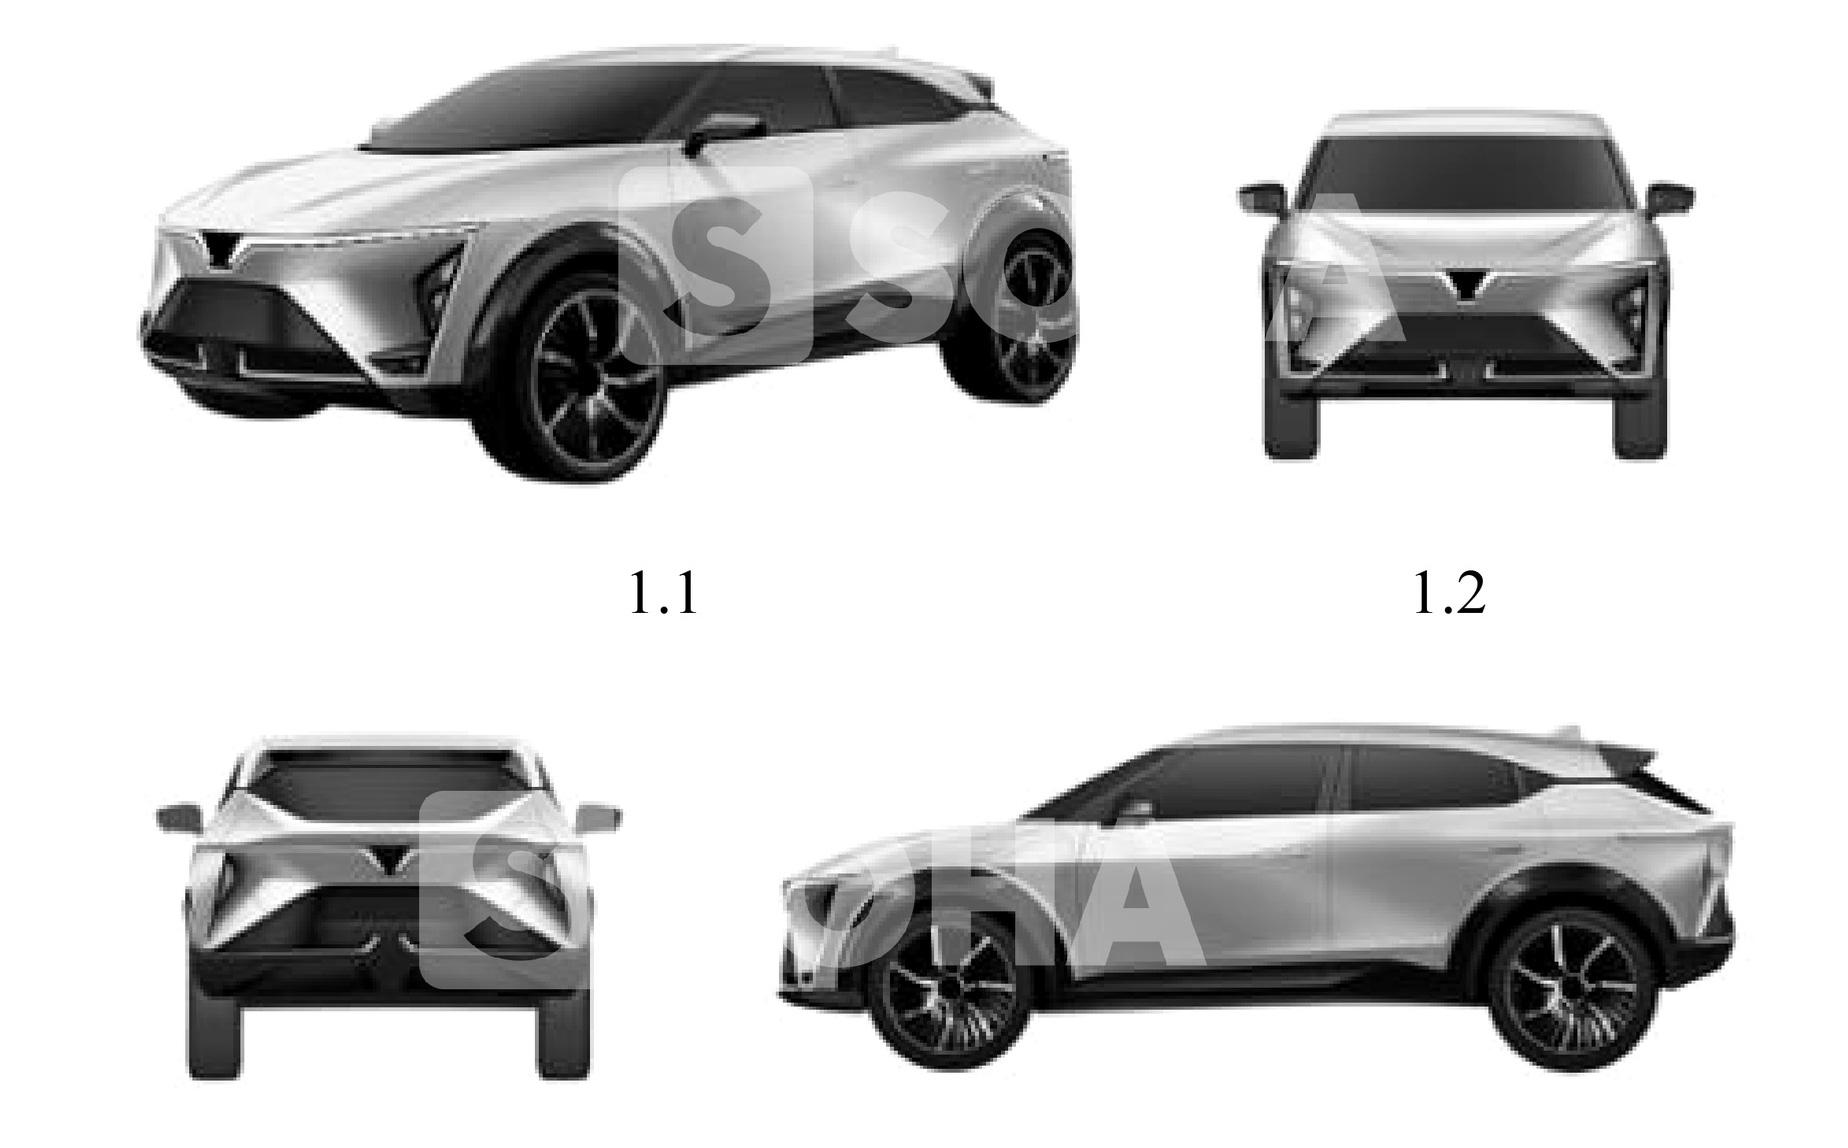 Lộ thiết kế 1 mẫu xe mới nữa của VinFast: Xuất hiện chi tiết kỳ lạ và khó hiểu - có mối liên hệ với Cadillac?